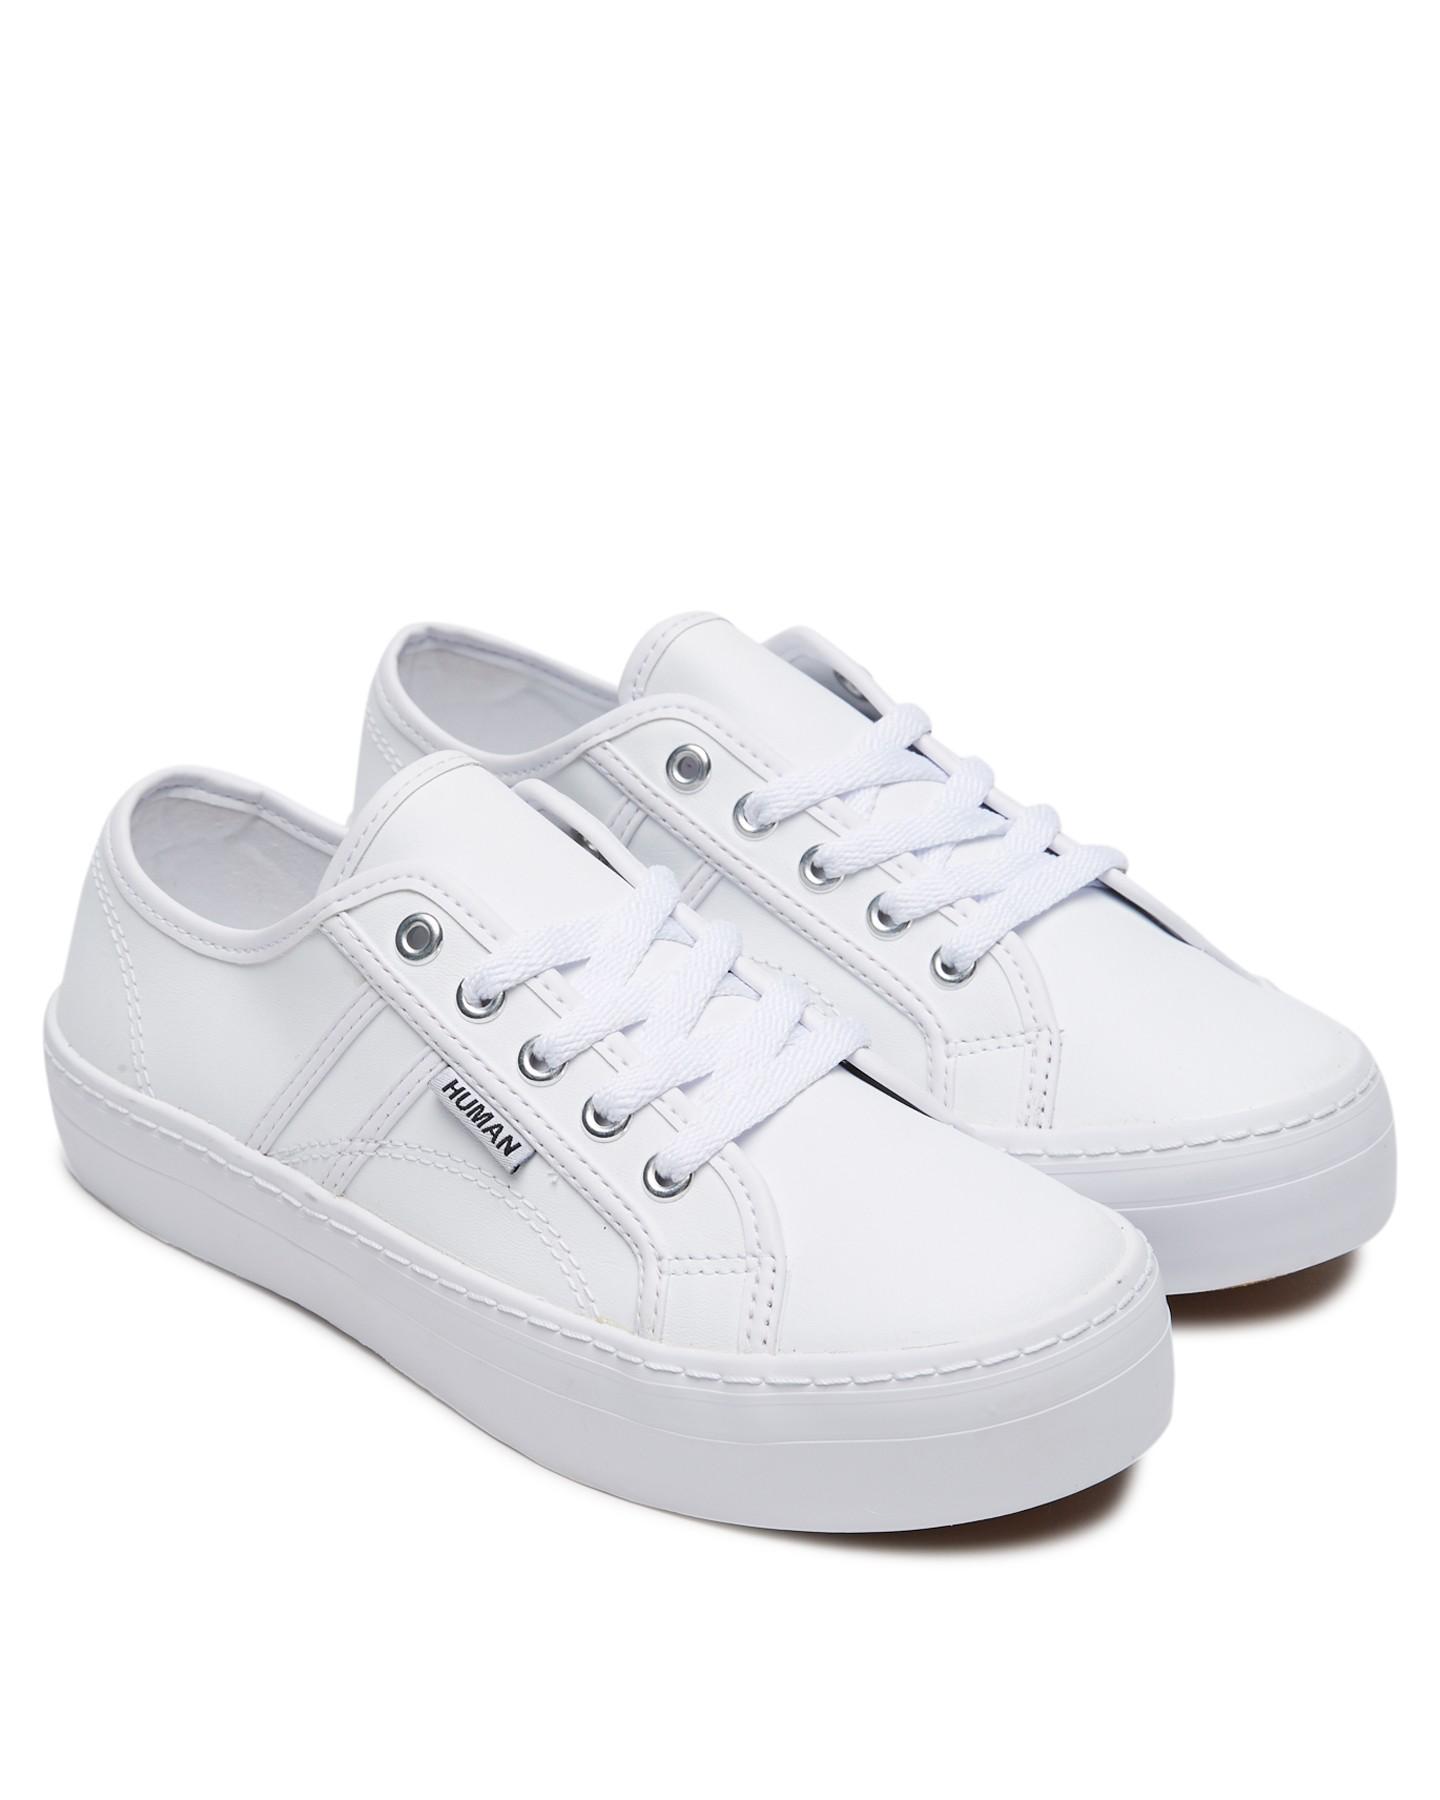 New-Human-Footwear-Women-039-s-Womens-Cass-Shoe-Rubber thumbnail 15